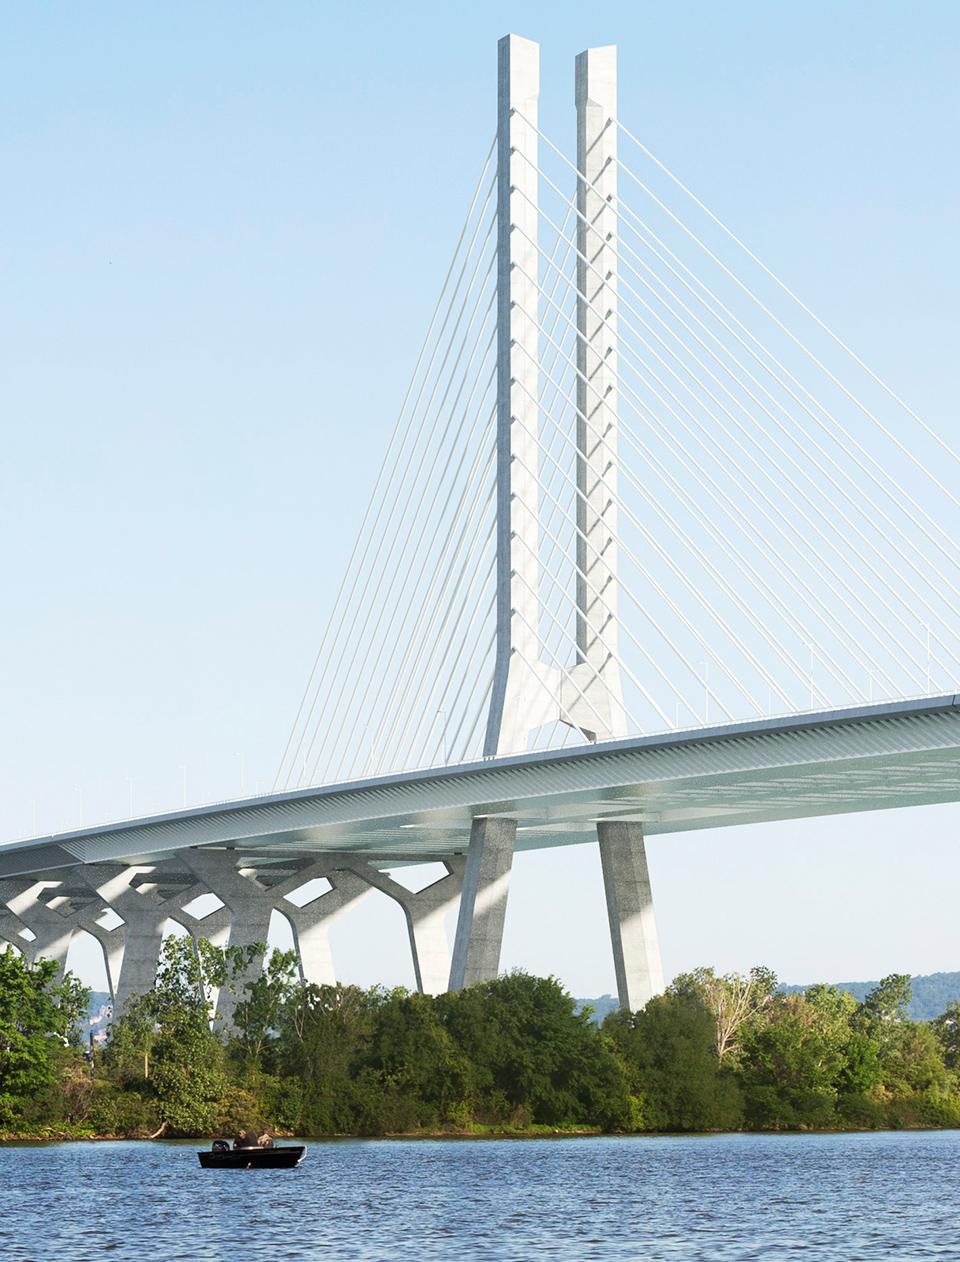 La structure du nouveau pont Champlain vue depuis le fleuve Saint-Laurent